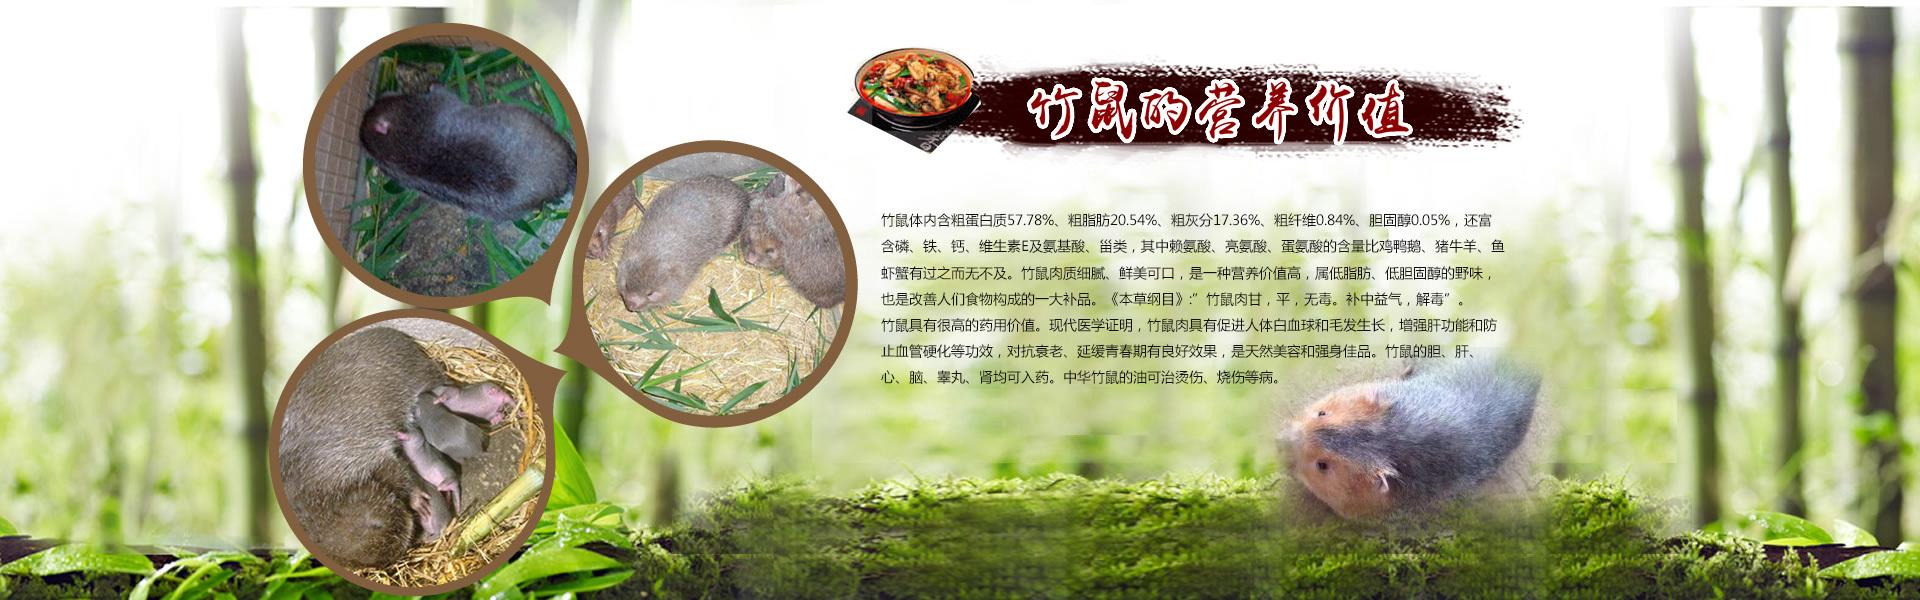 广西竹鼠营养价值